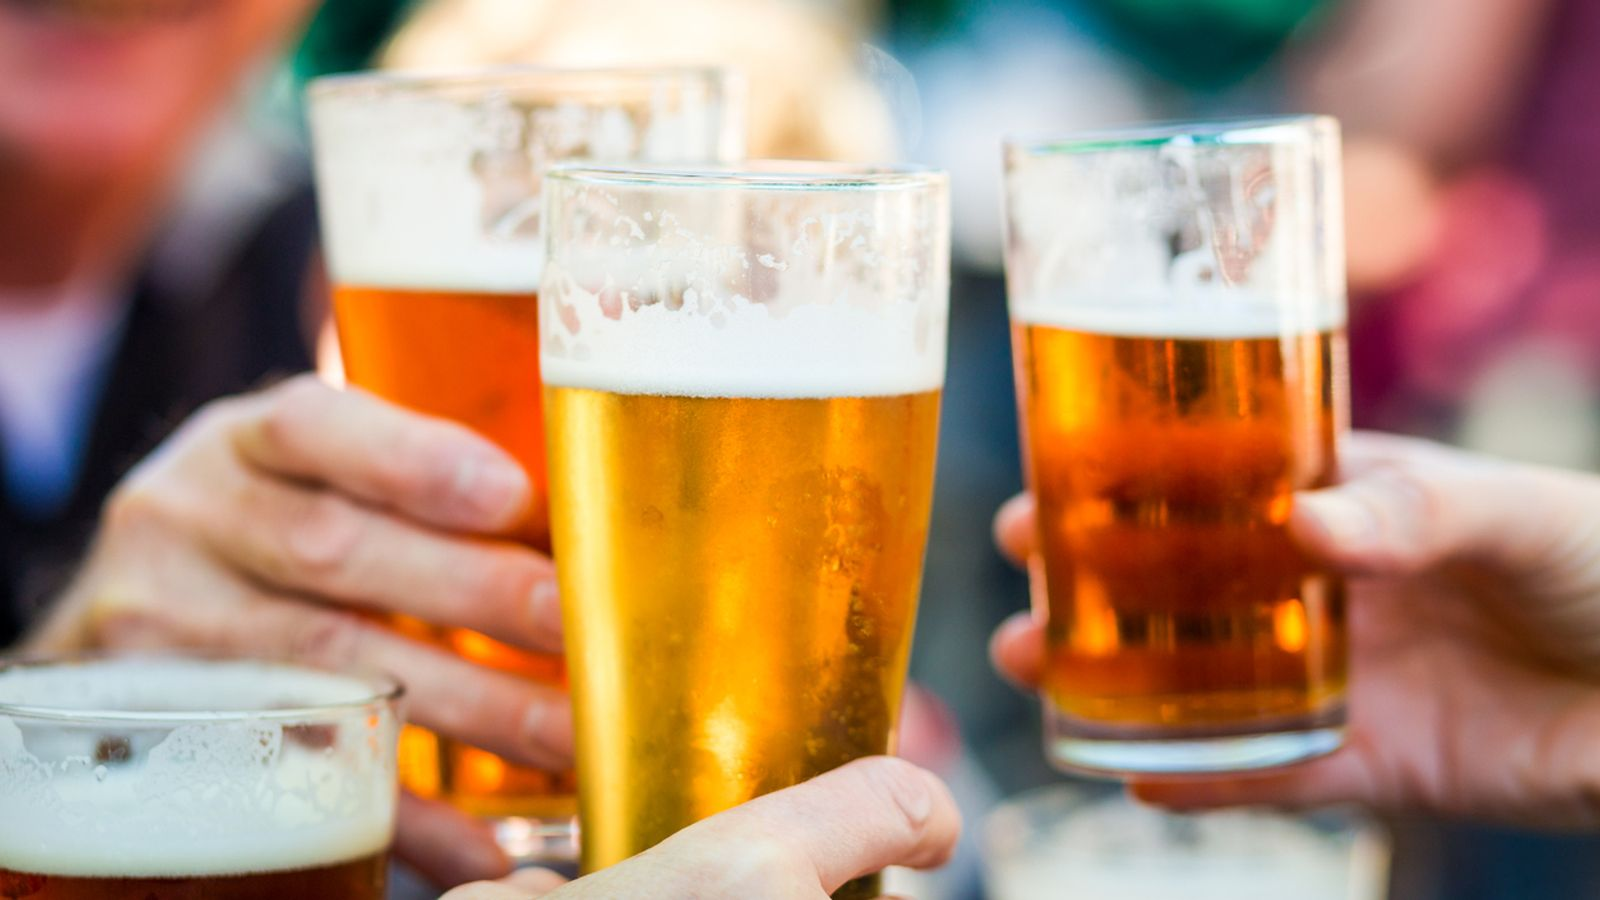 skynews-pubs-beer-drinking_5329643.jpg?2